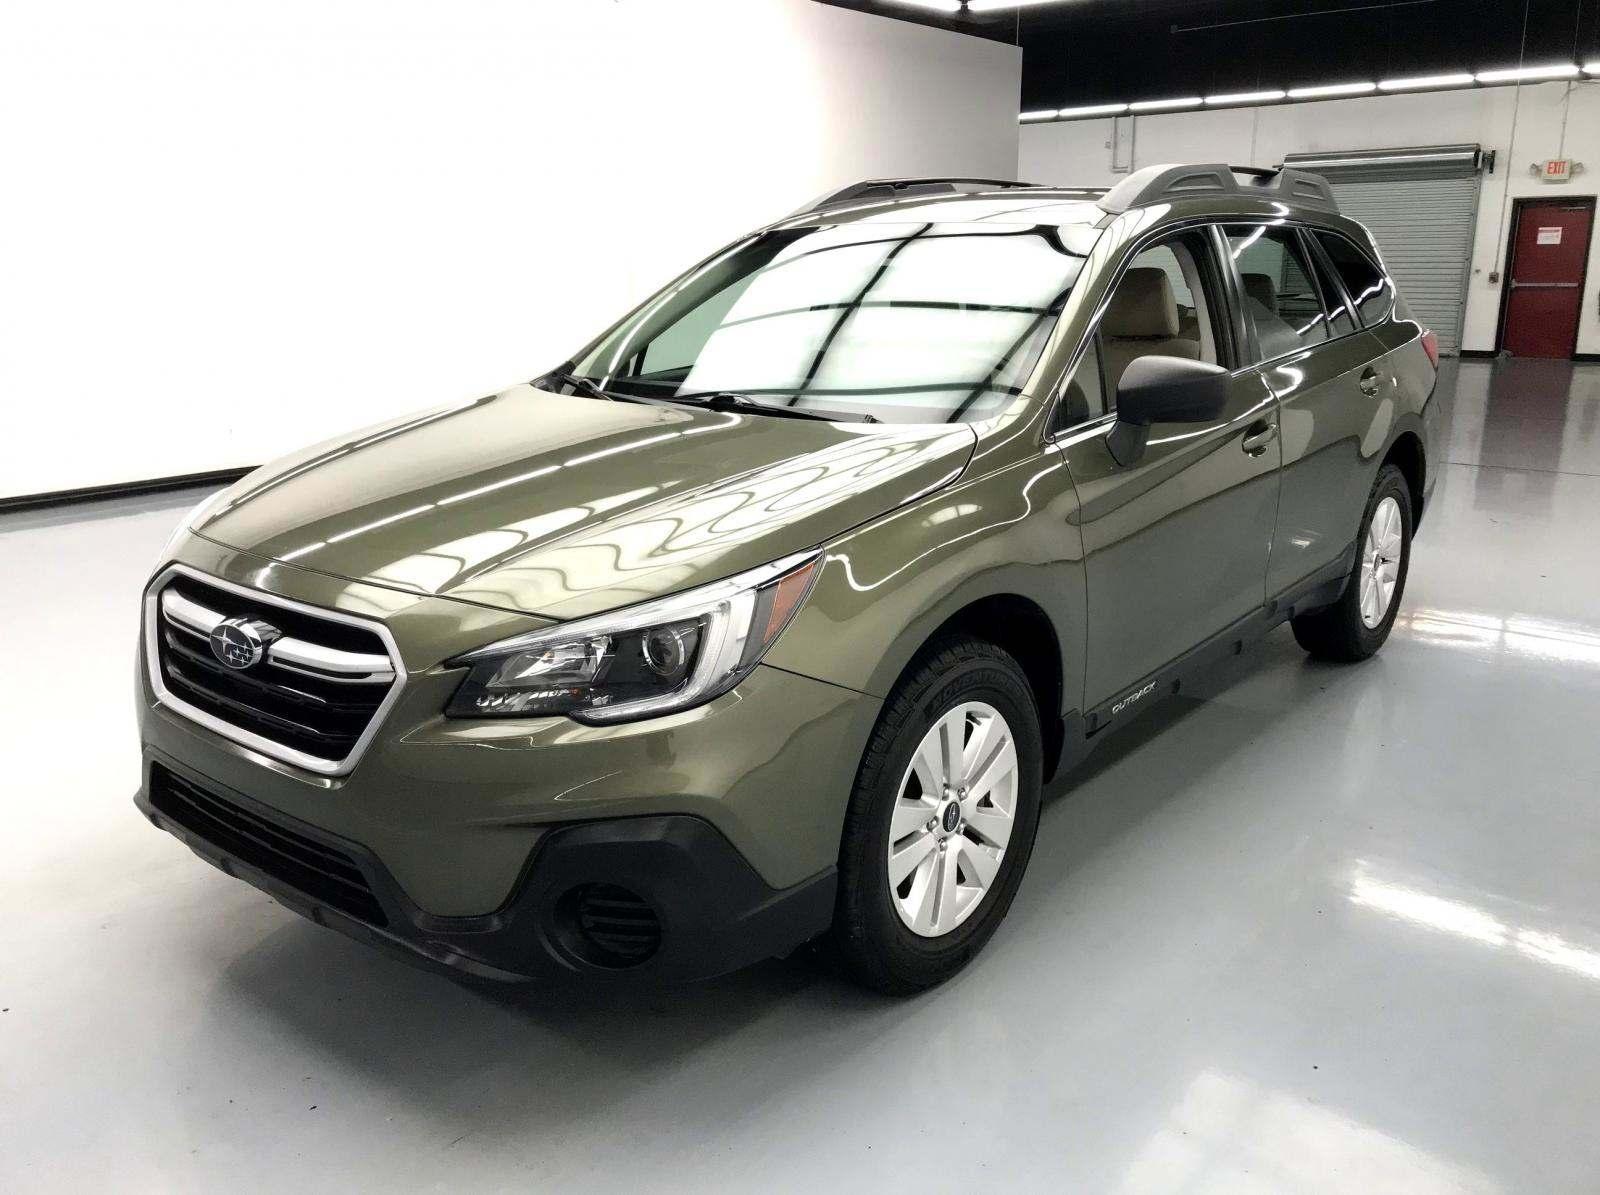 used Subaru Outback 2018 vin: 4S4BSAAC0J3383838